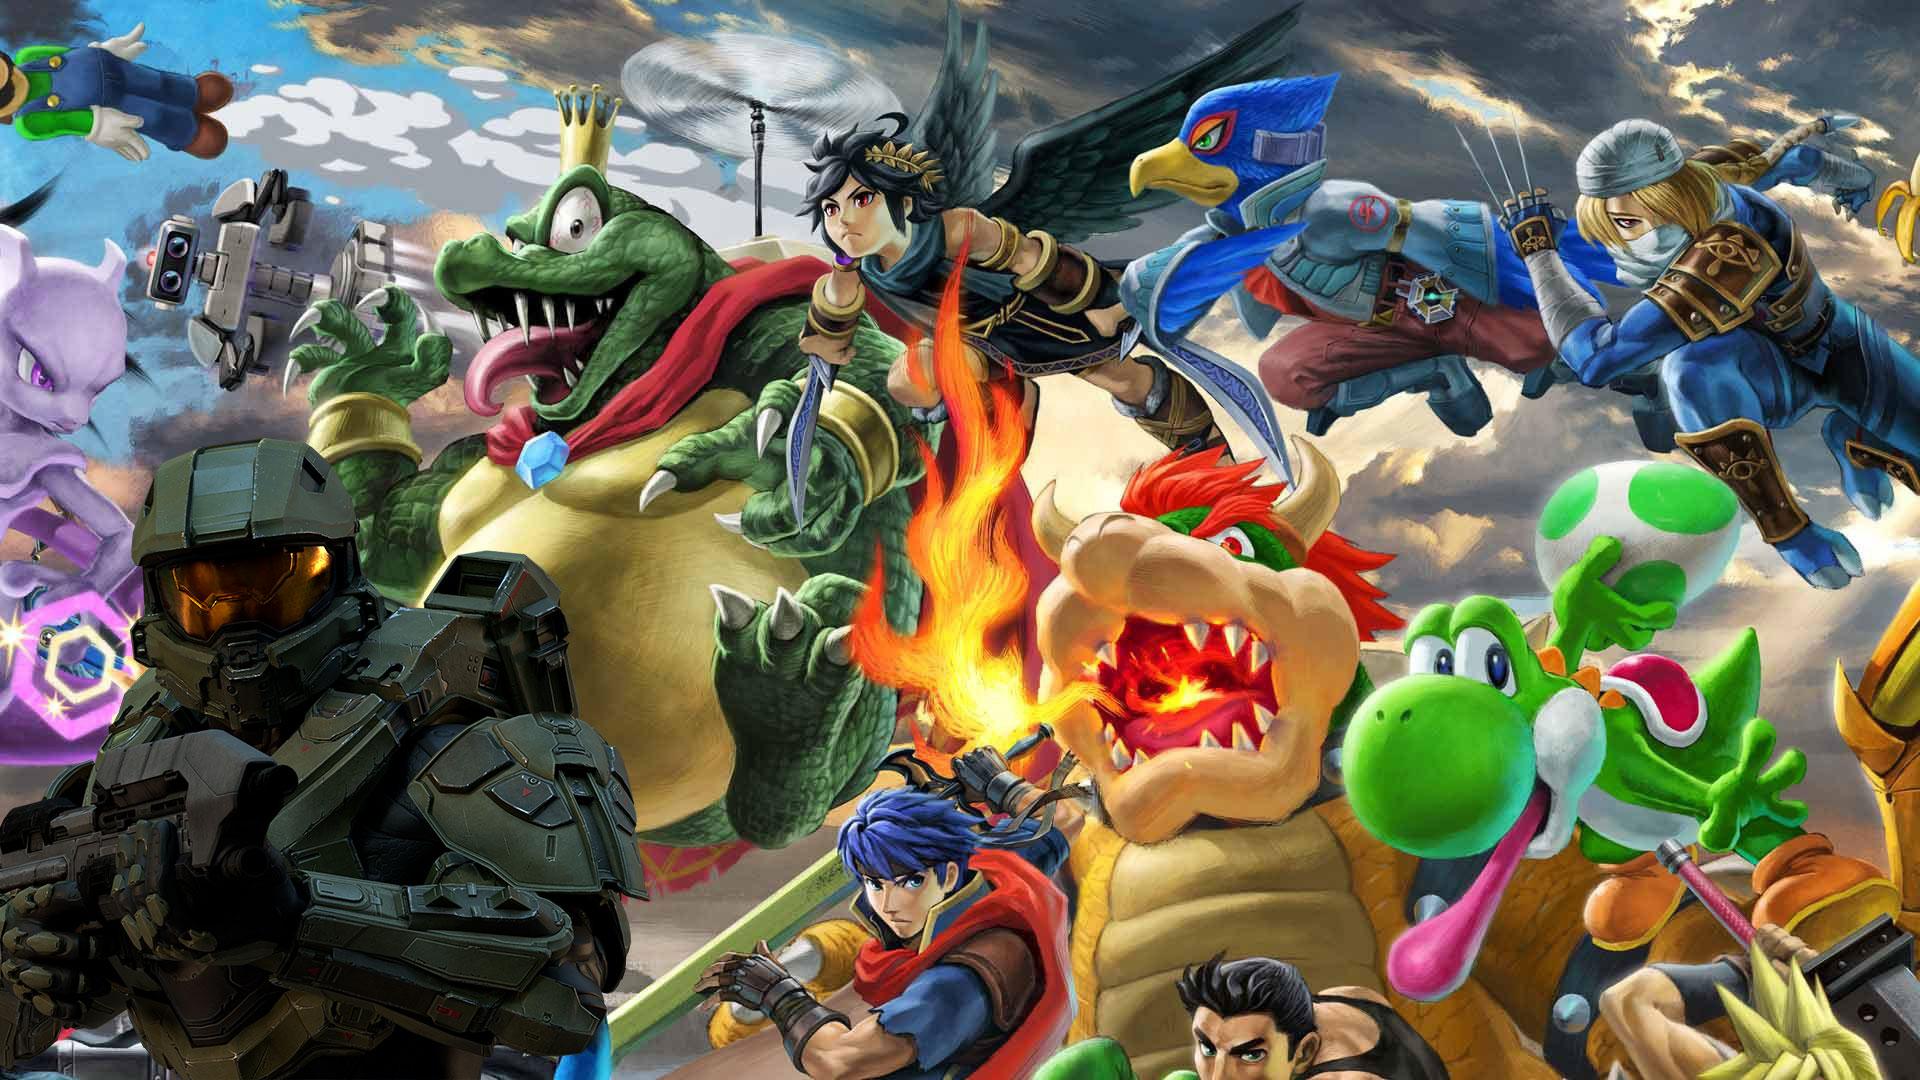 El Jefe Maestro sera el nuevo luchador en Super Smash Bros Ultimate